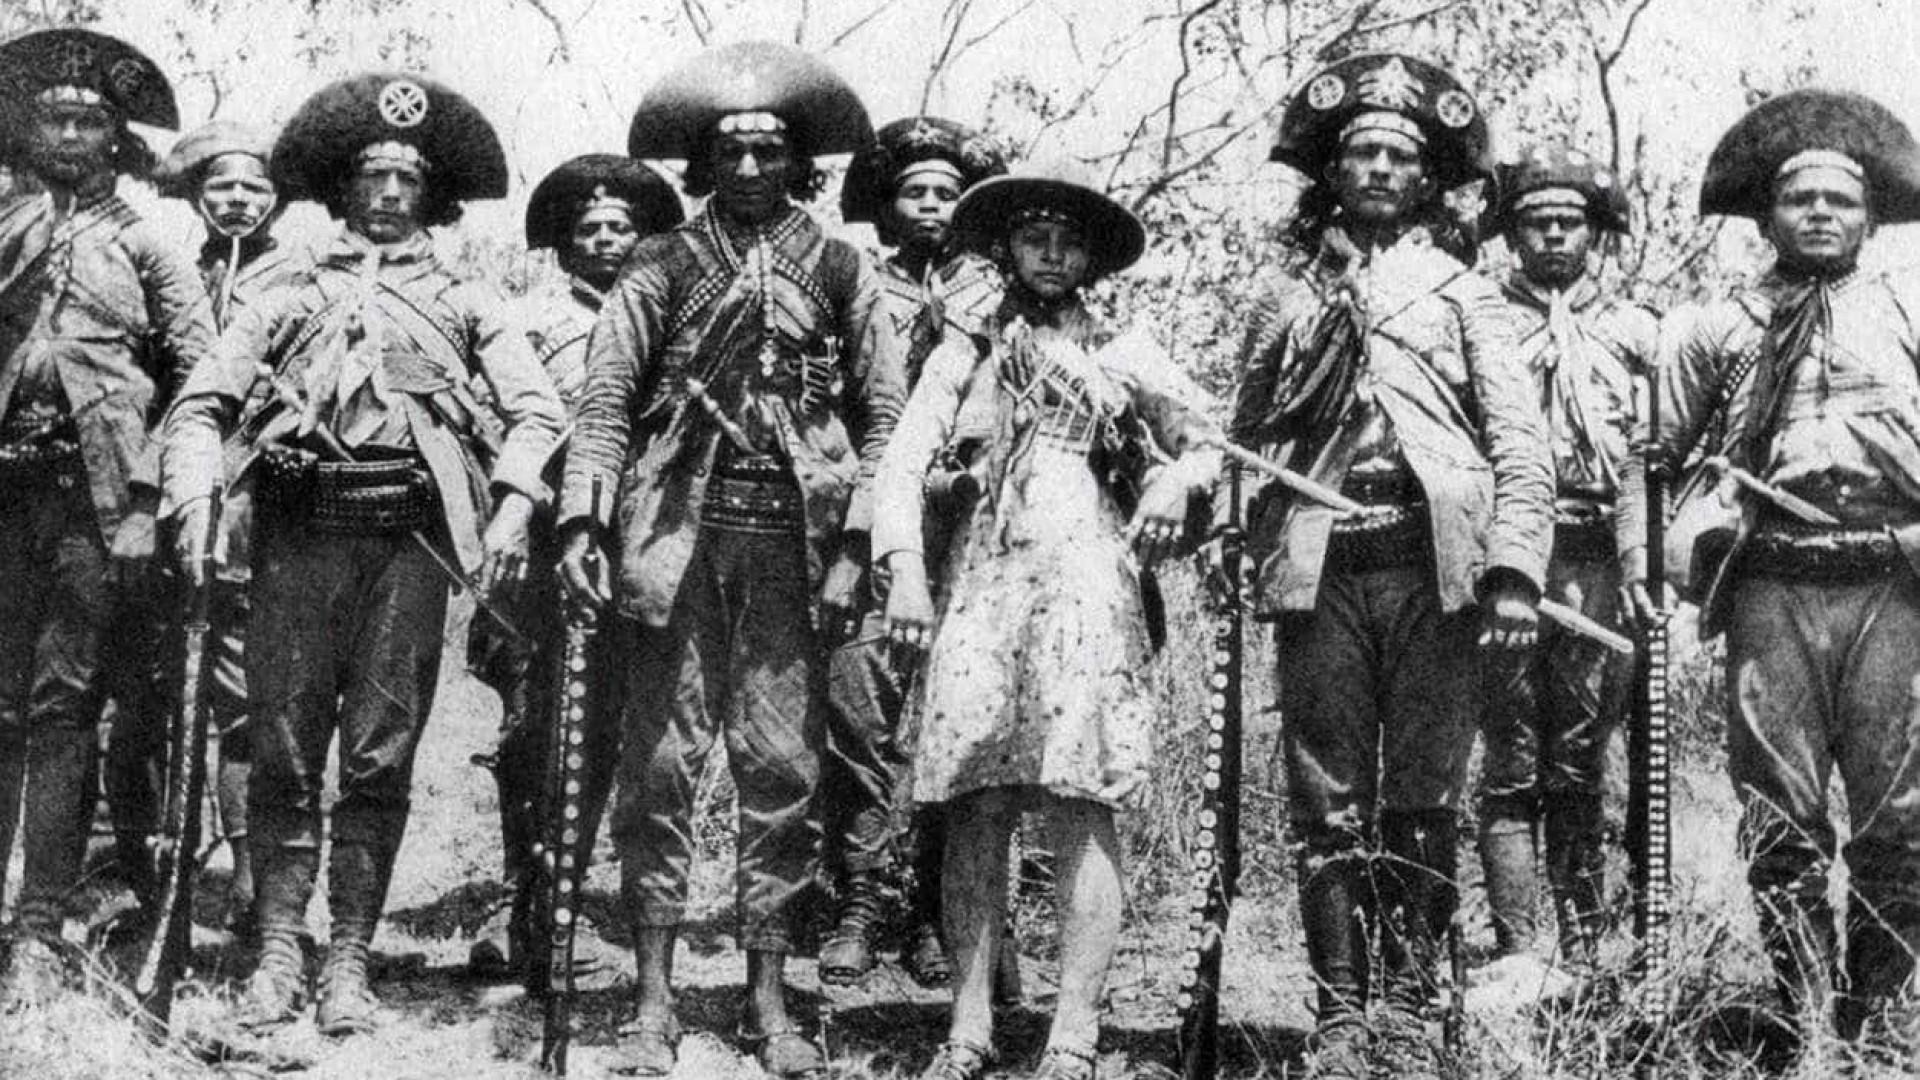 Morto há 80 anos, Lampião deixa legado controverso no Nordeste